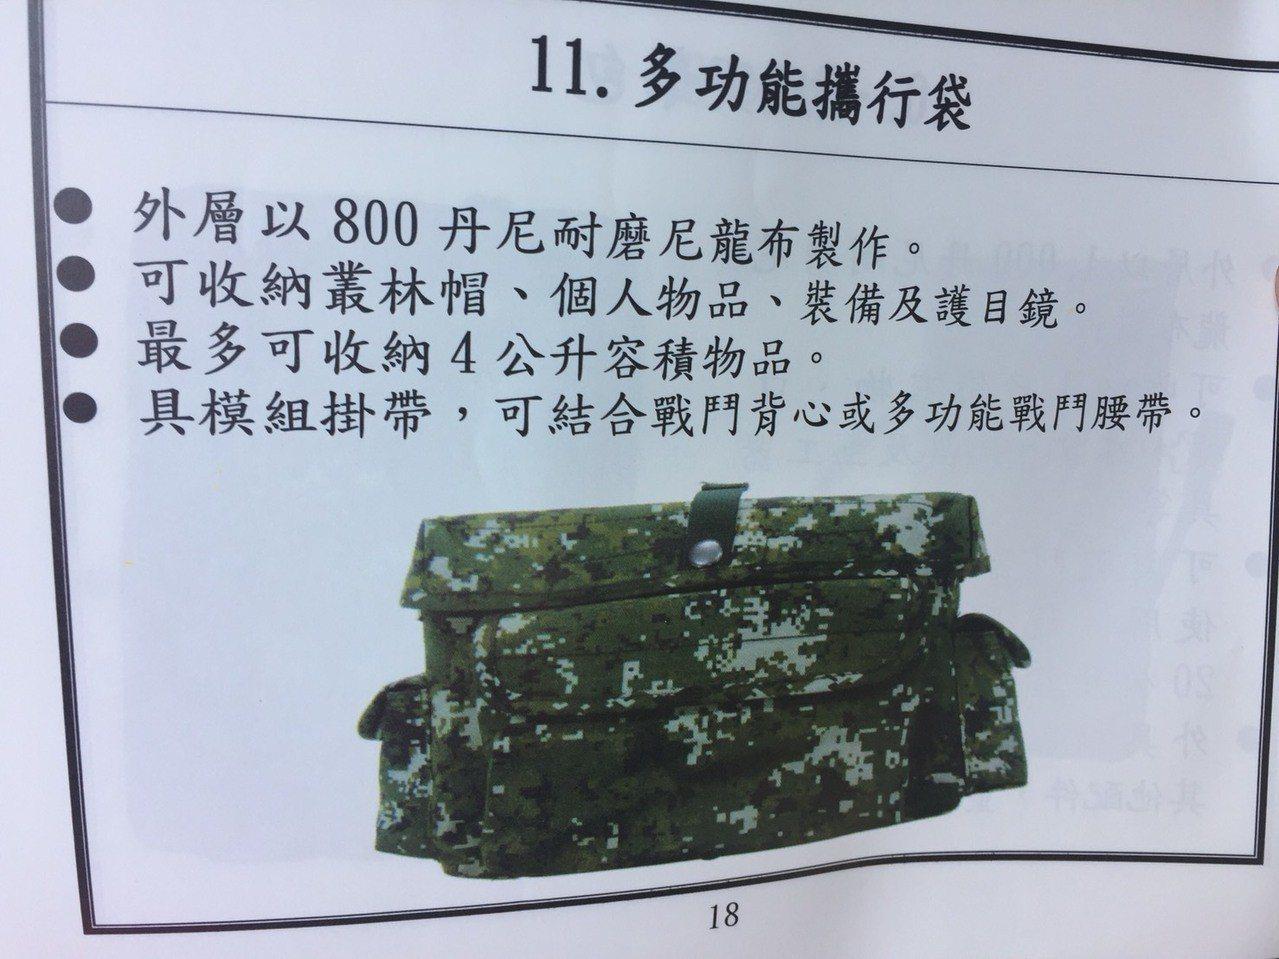 軍用攜行袋。圖/國防部提供